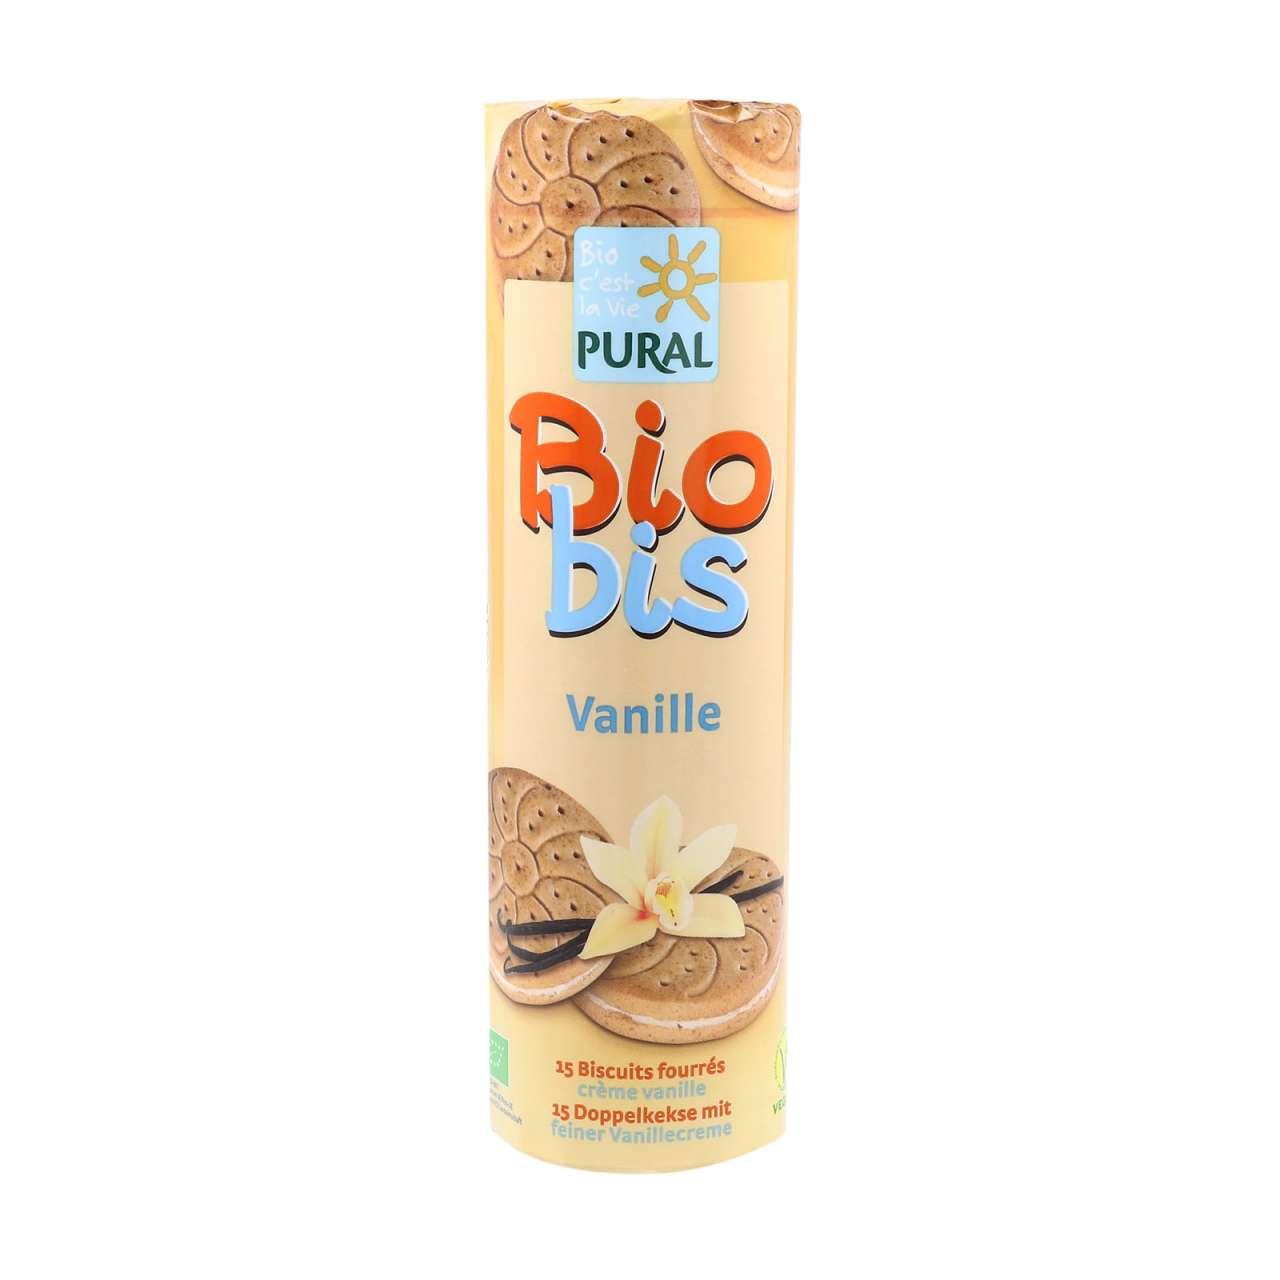 Angebotsbild für Bio Doppelkeks Rolle Vanille kaufen: ohne Ei & ohne Milch von PureNature